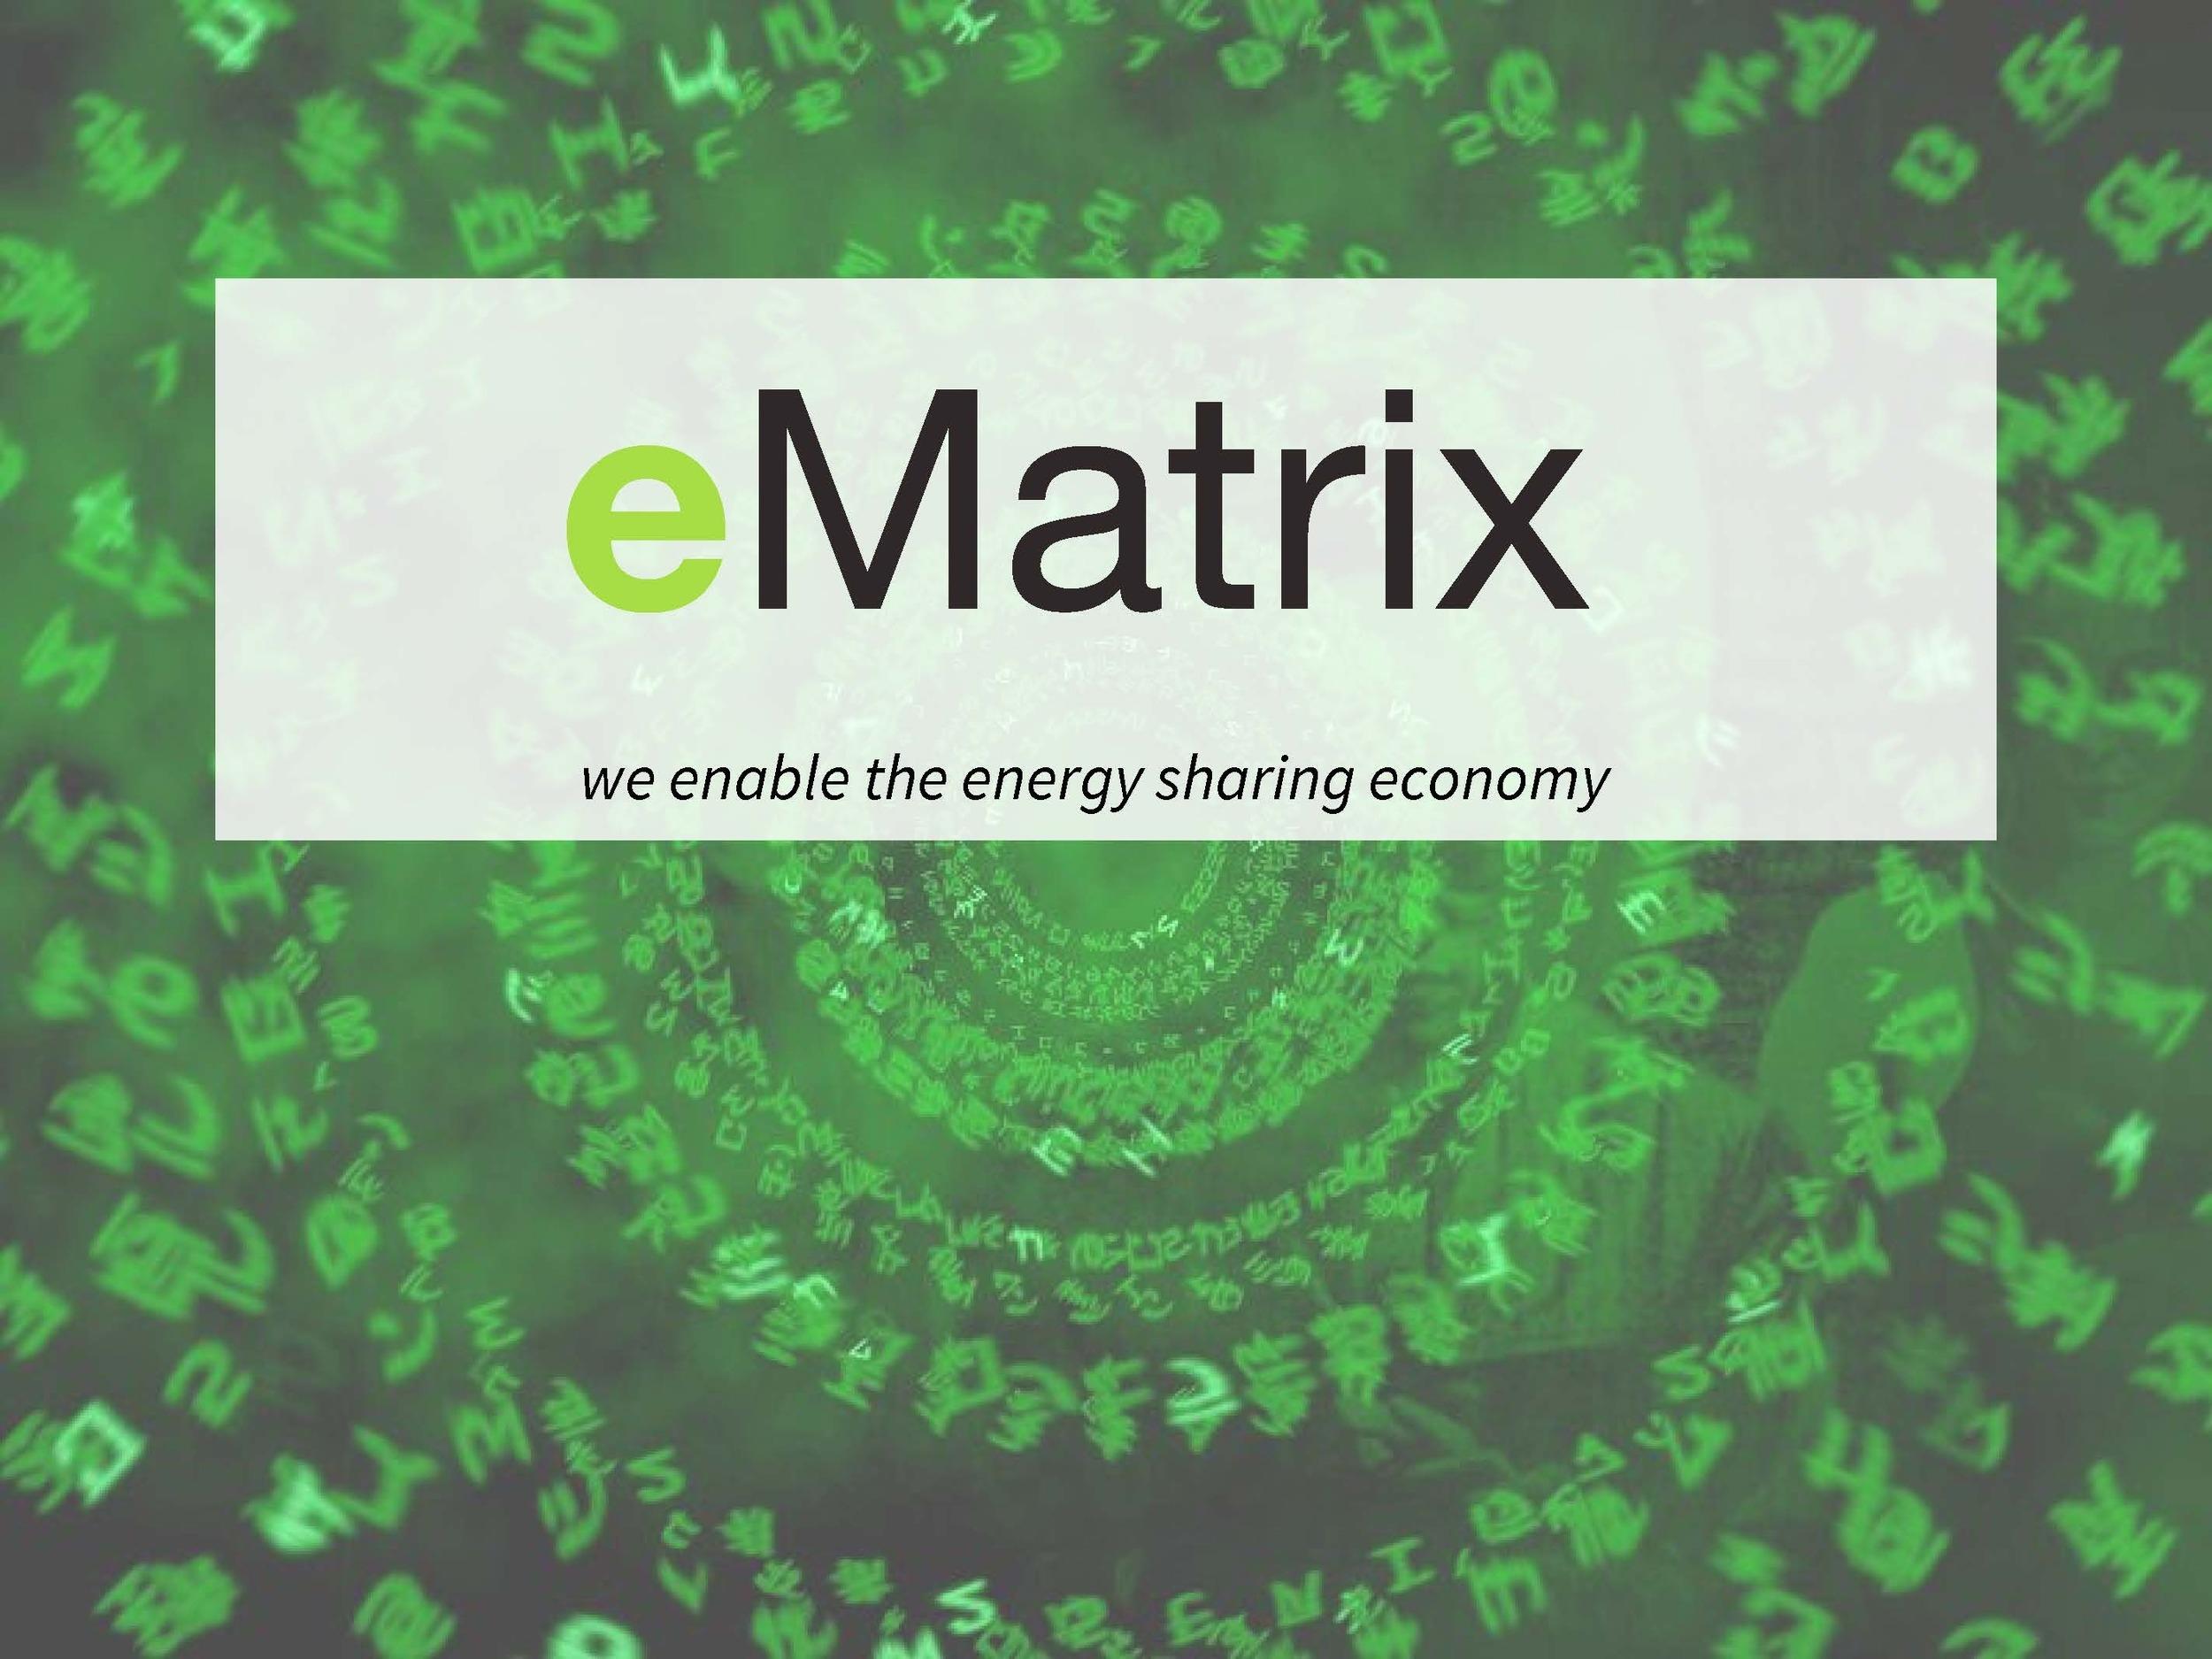 eMatrix_Page_1.jpg